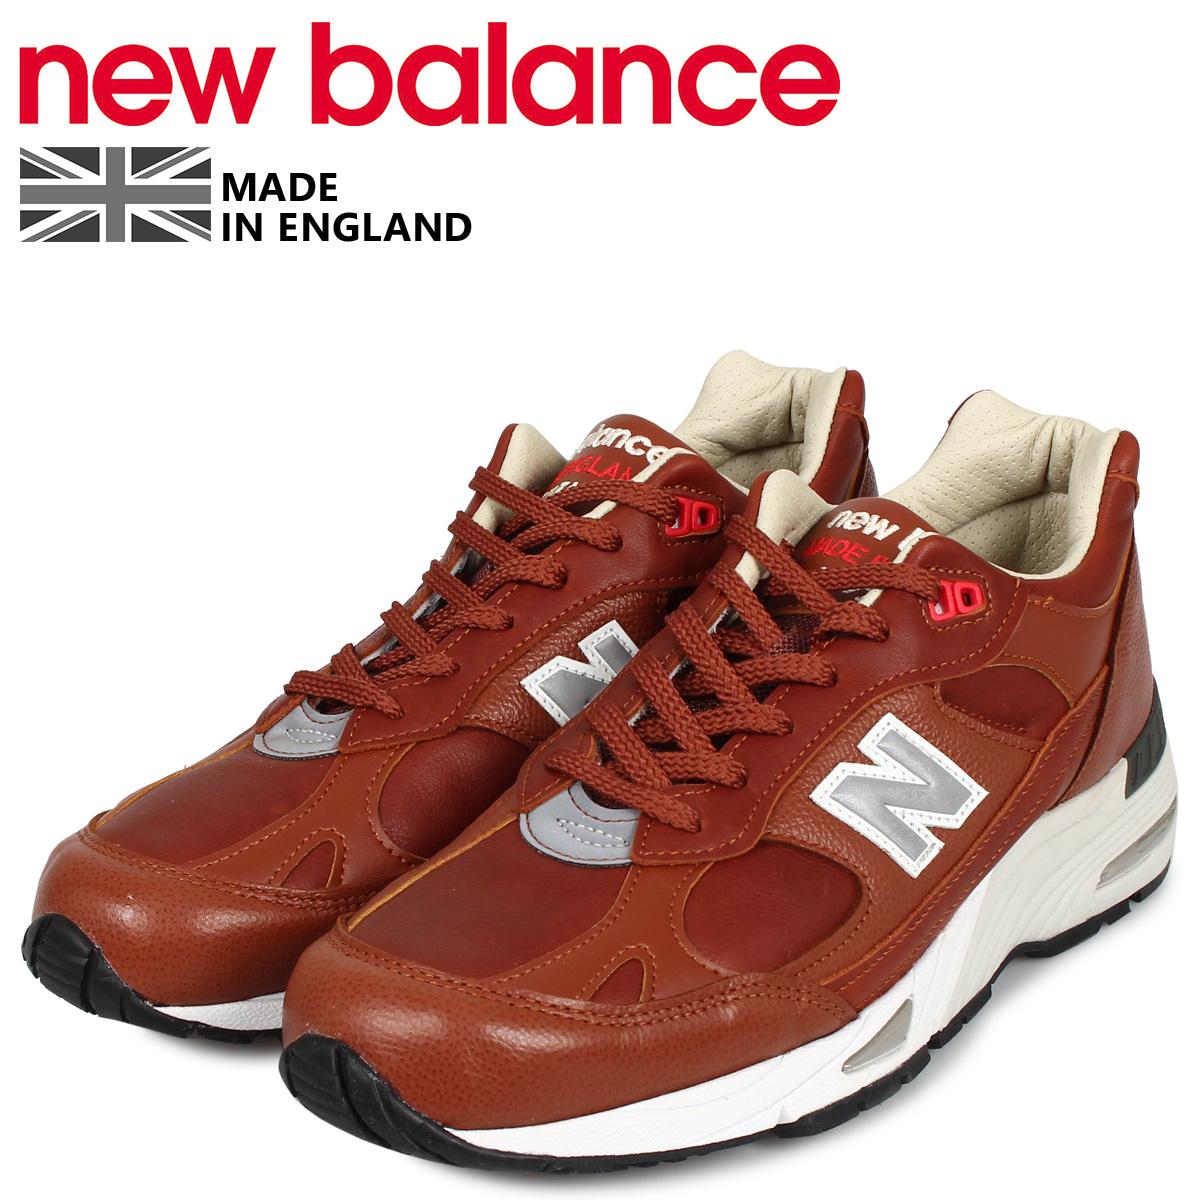 new balance ニューバランス 991 スニーカー メンズ ワイズ:D ブラウン M991GNB